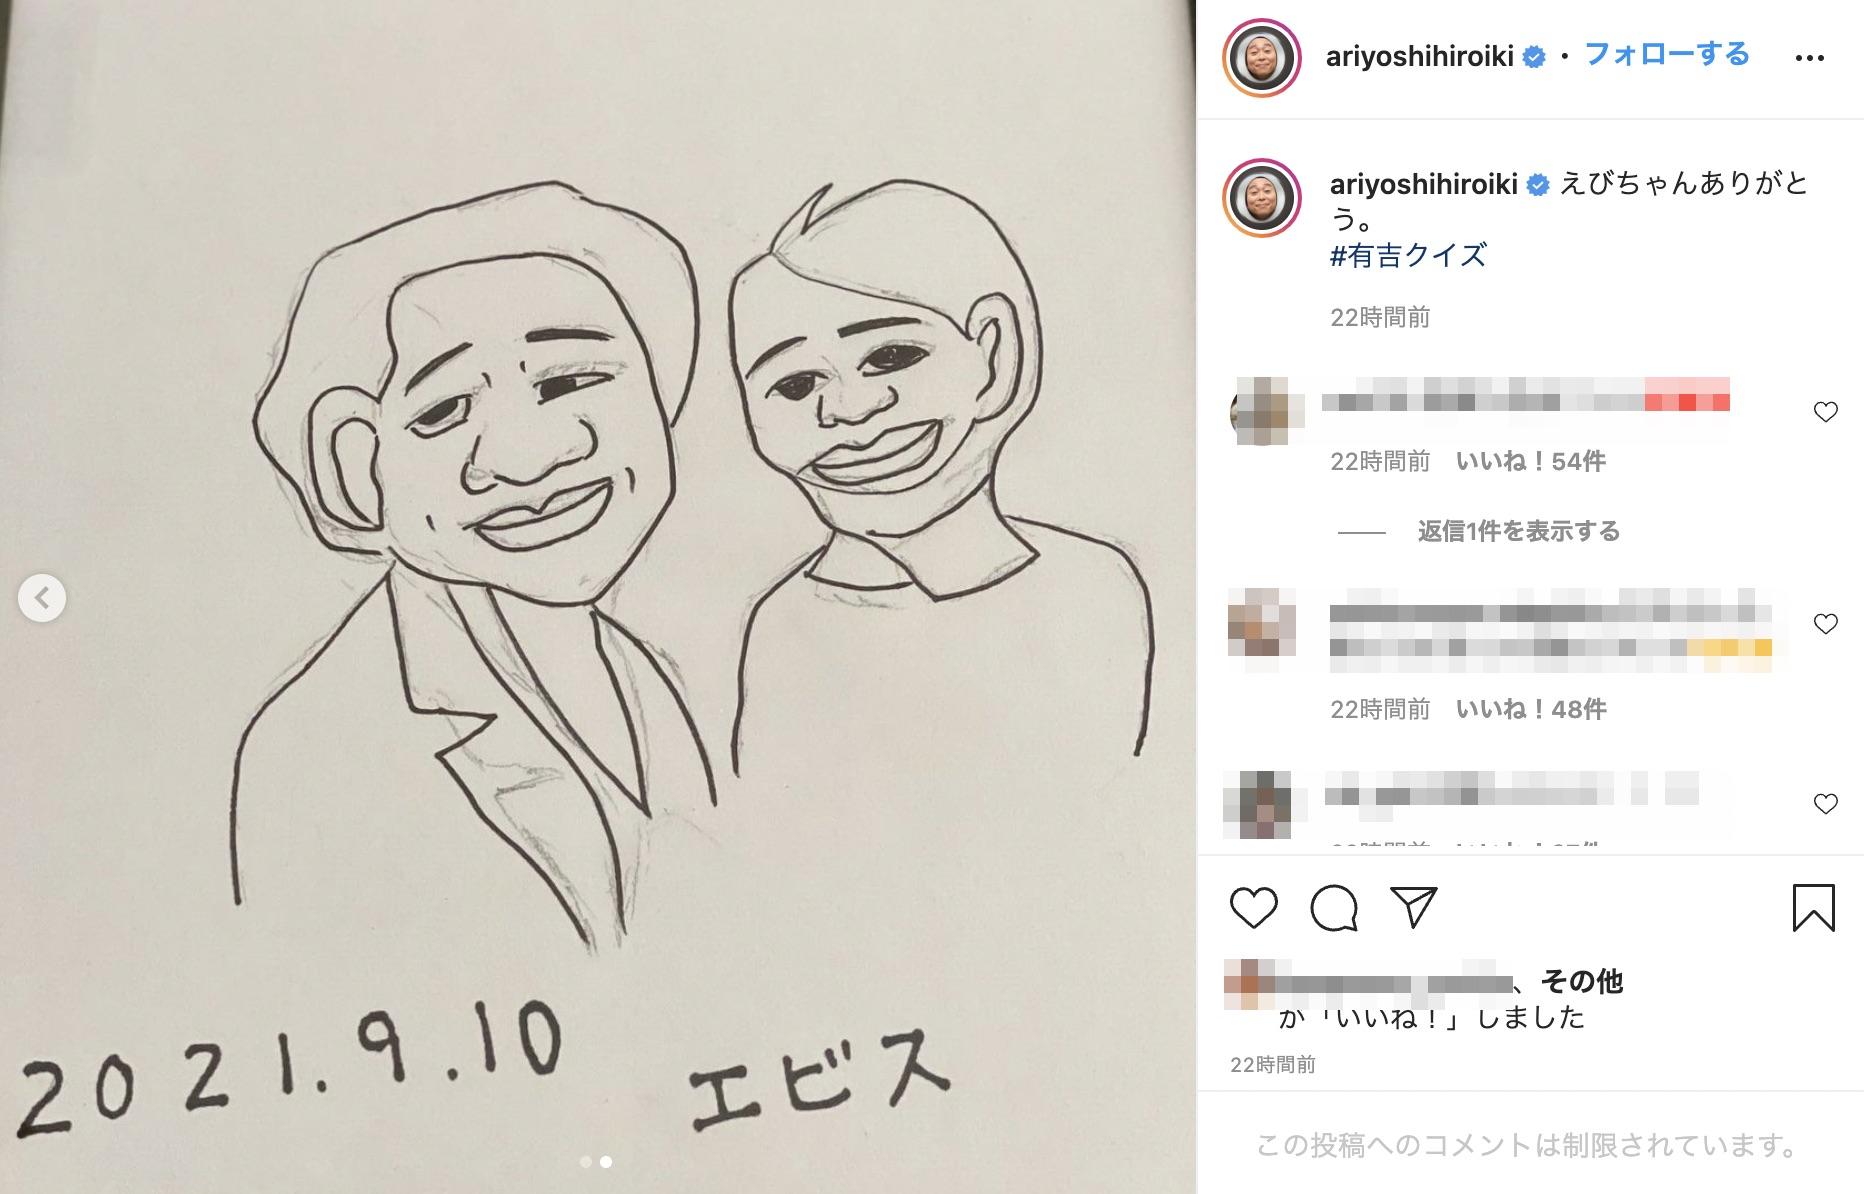 蛭子能収が描いた有吉弘行と夏目三久さん(画像は『有吉弘行 2021年10月12日付Instagram「えびちゃんありがとう。」』のスクリーンショット)